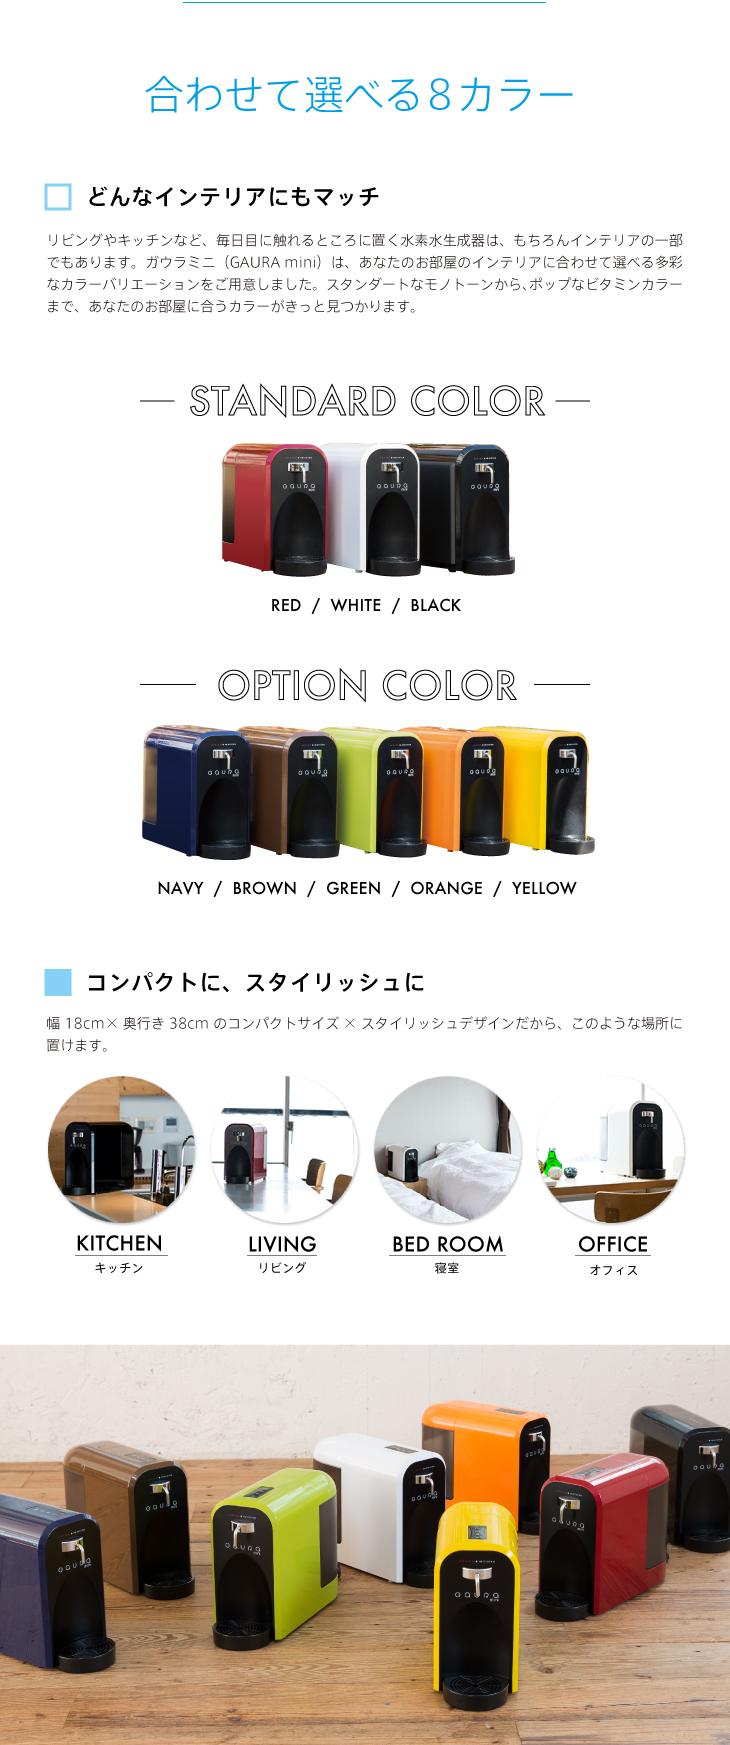 合わせて選べる8カラー